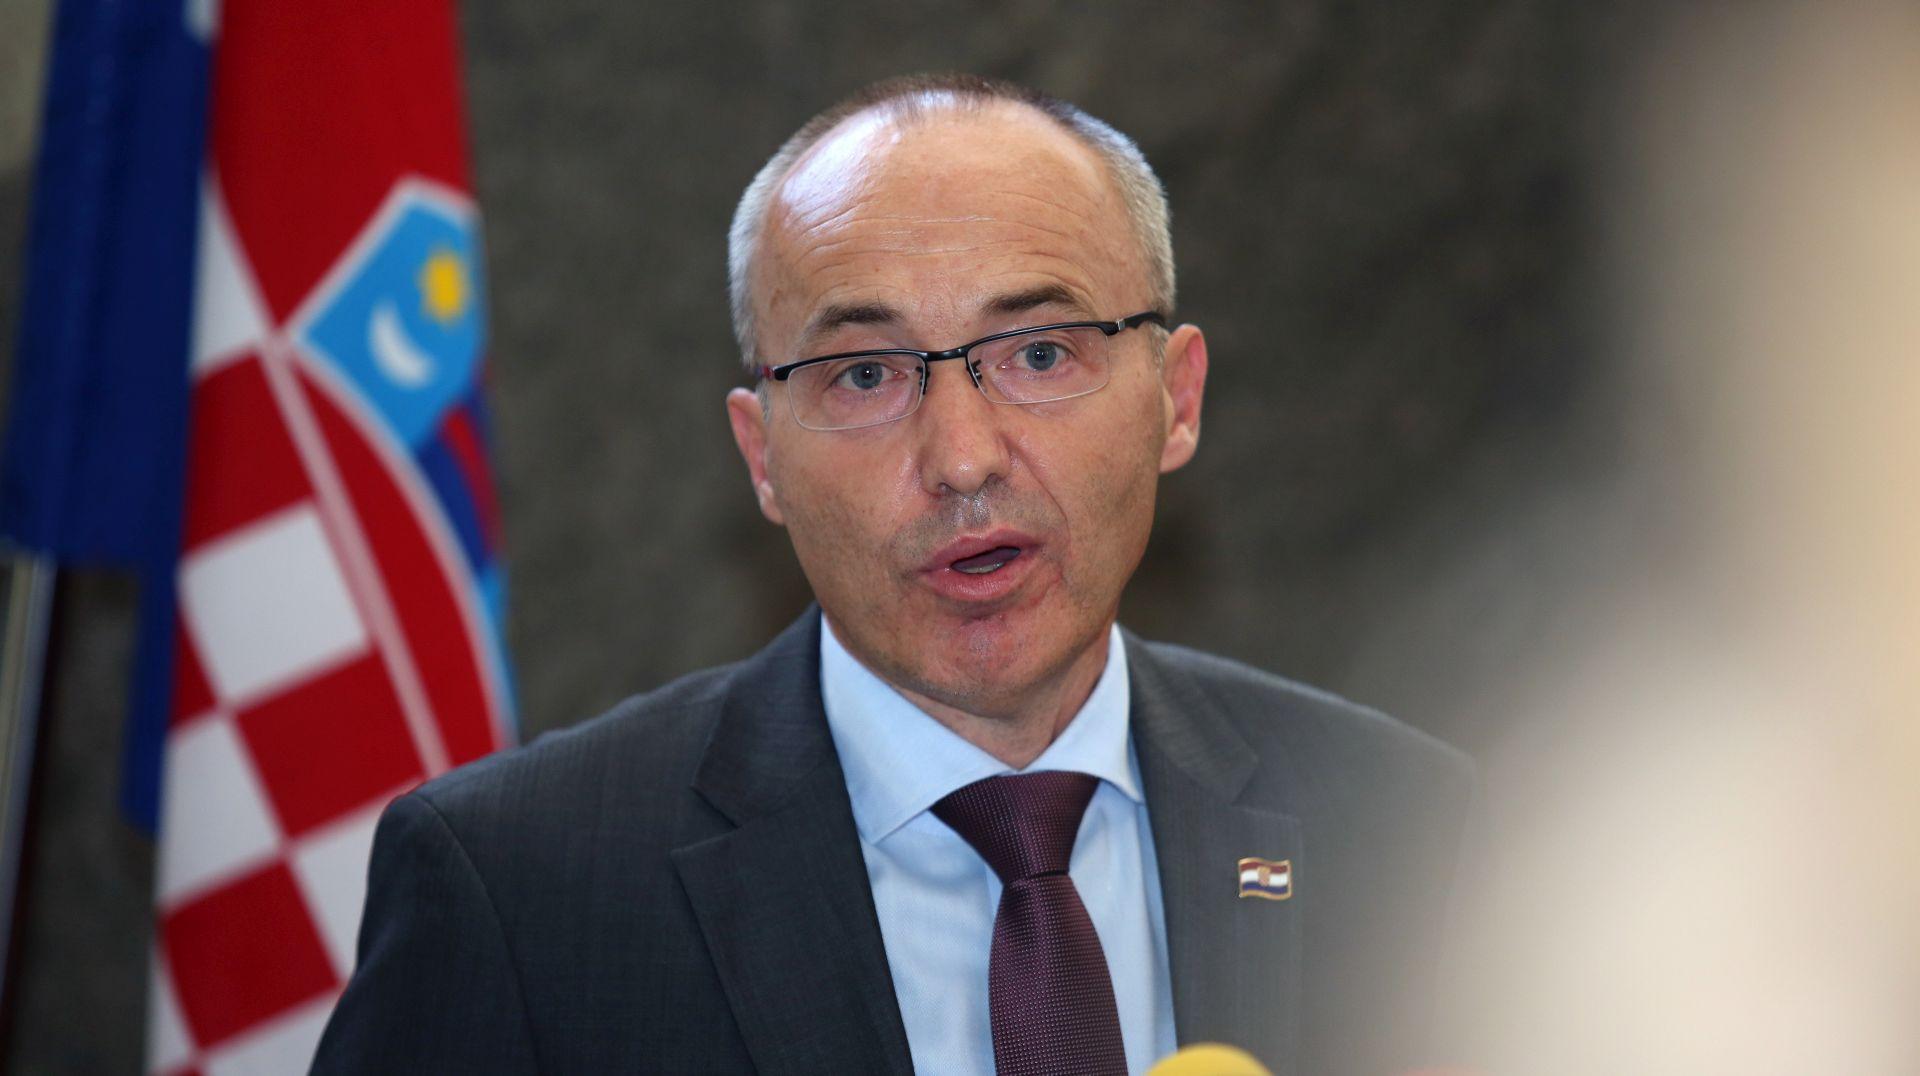 'OTVORENO' Krstičević poručio da je 'njegova misija završena'